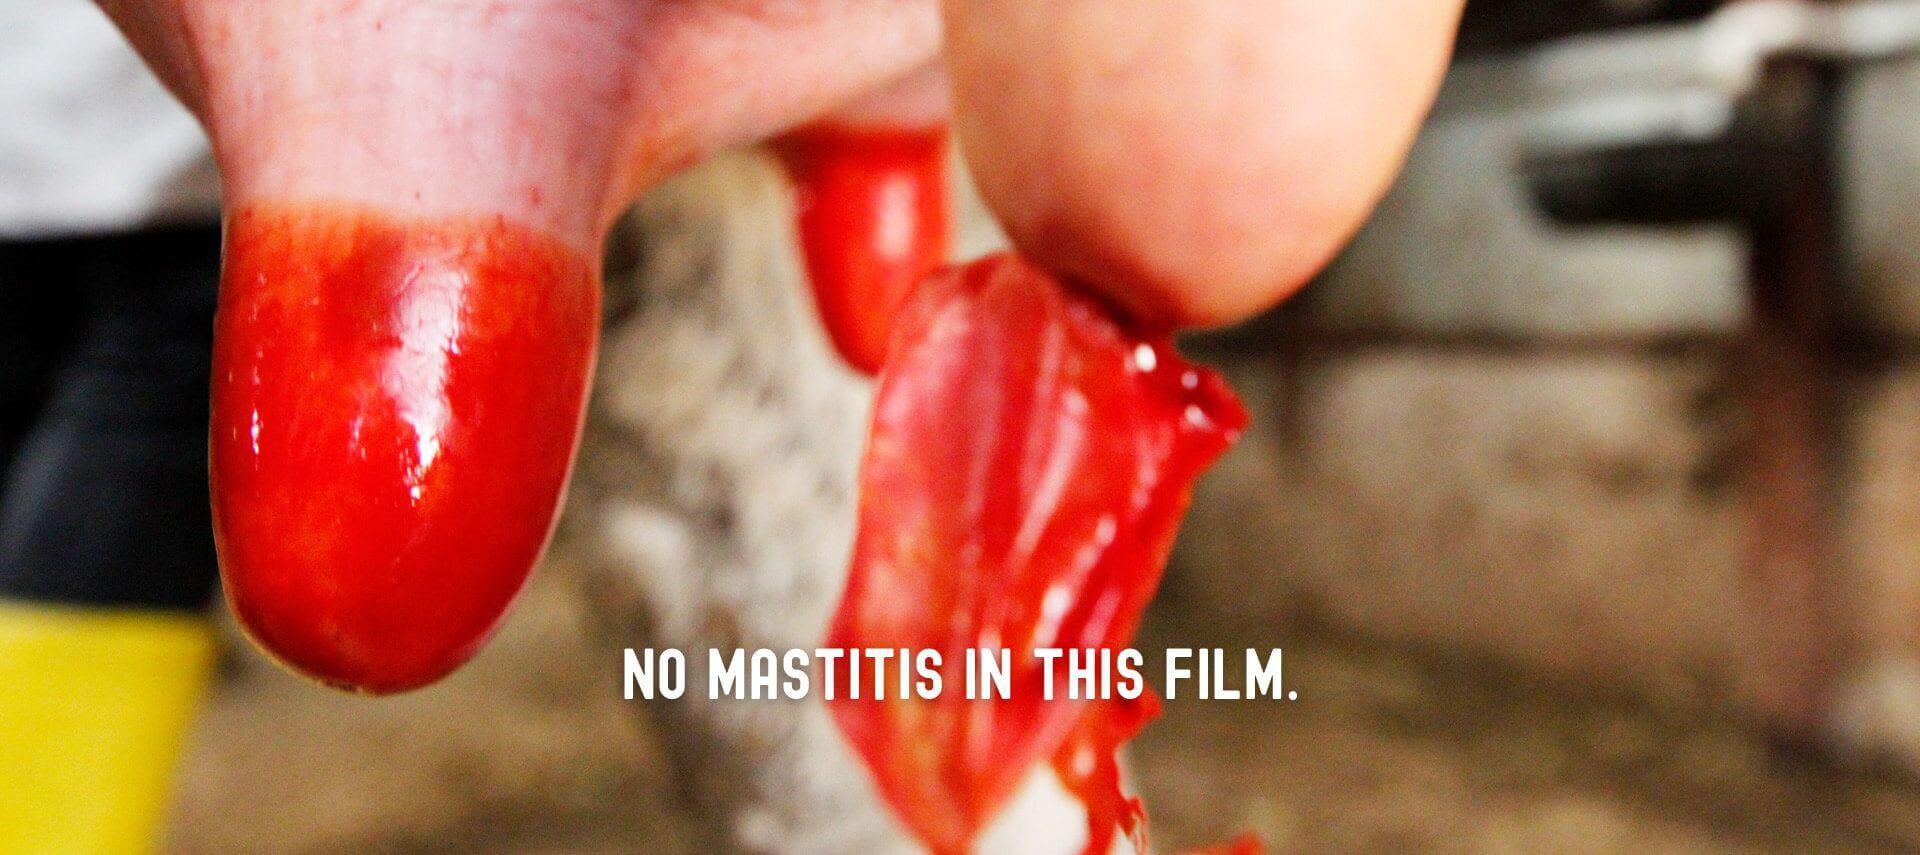 No mastitis in this film